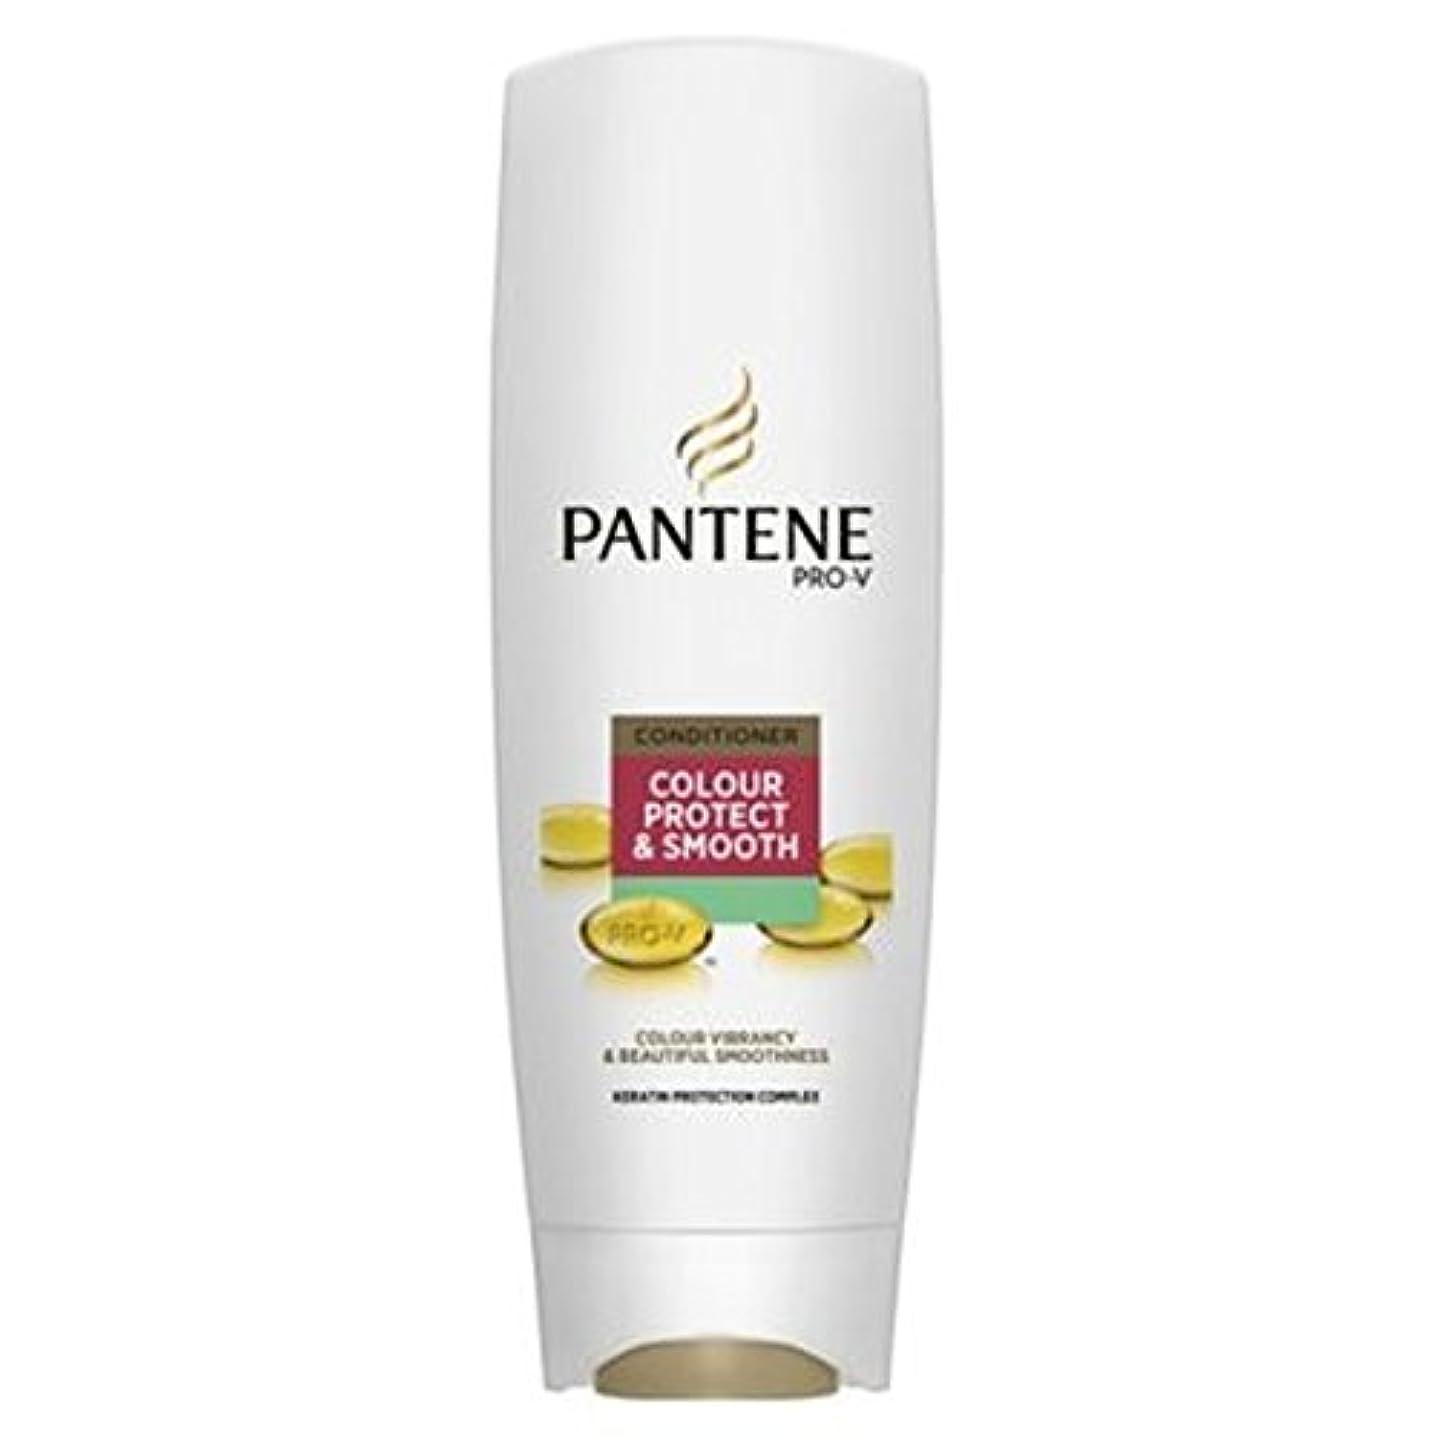 スポーツ案件銛パンテーンプロVの色保護&スムーズコンディショナー360ミリリットル (Pantene) (x2) - Pantene Pro-V Colour Protect & Smooth Conditioner 360ml (Pack...